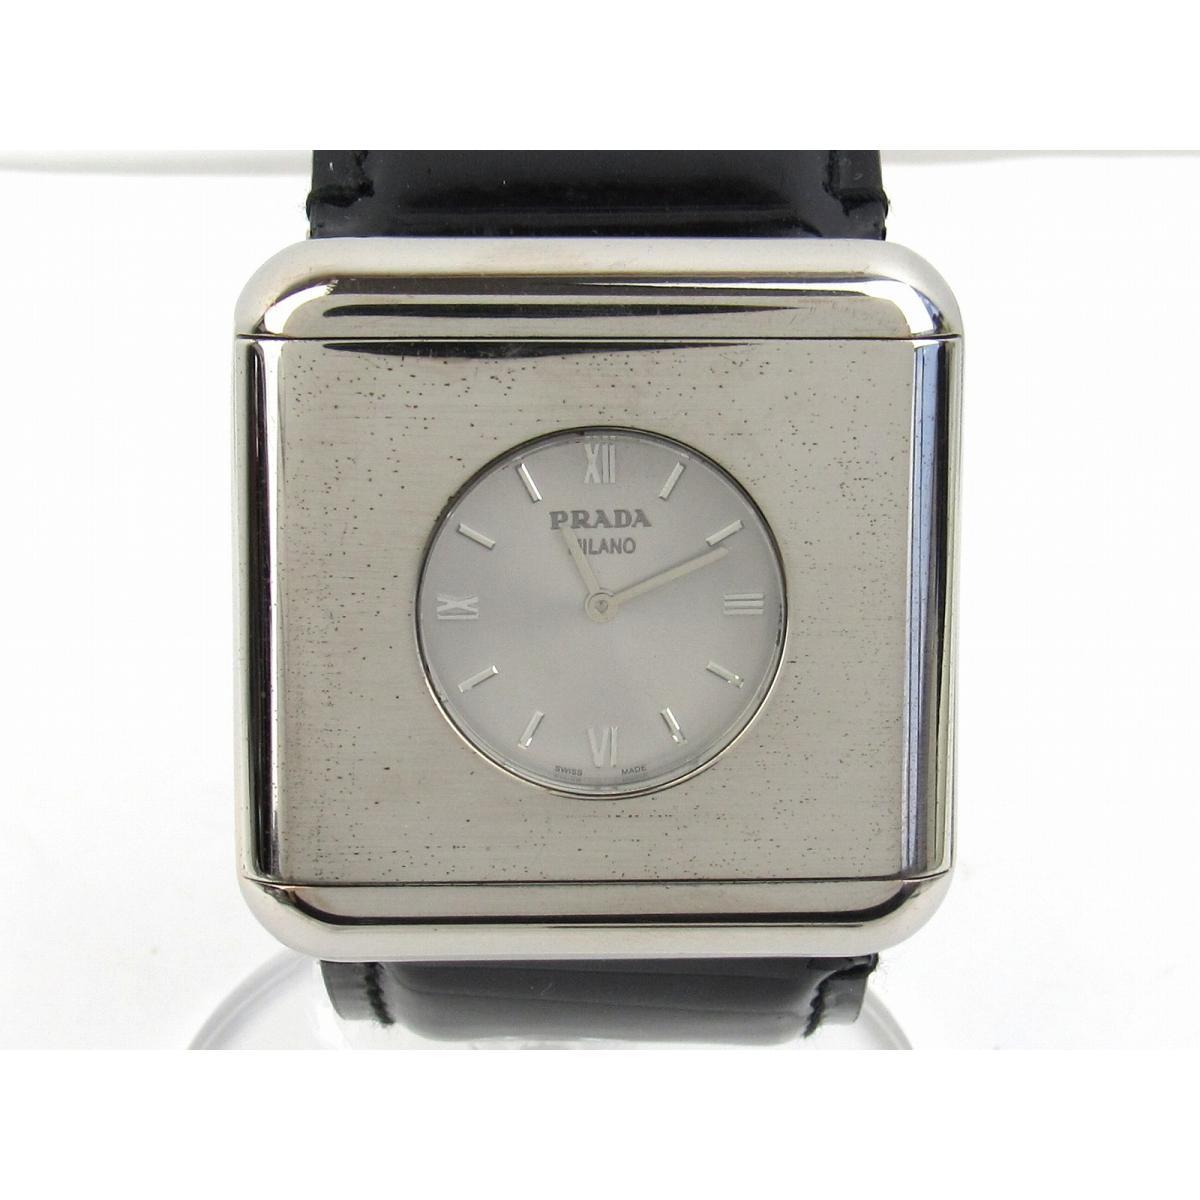 【中古】プラダ スクエア型 ウォッチ 腕時計 時計 ステンレススチール(SS)xエナメルベルト